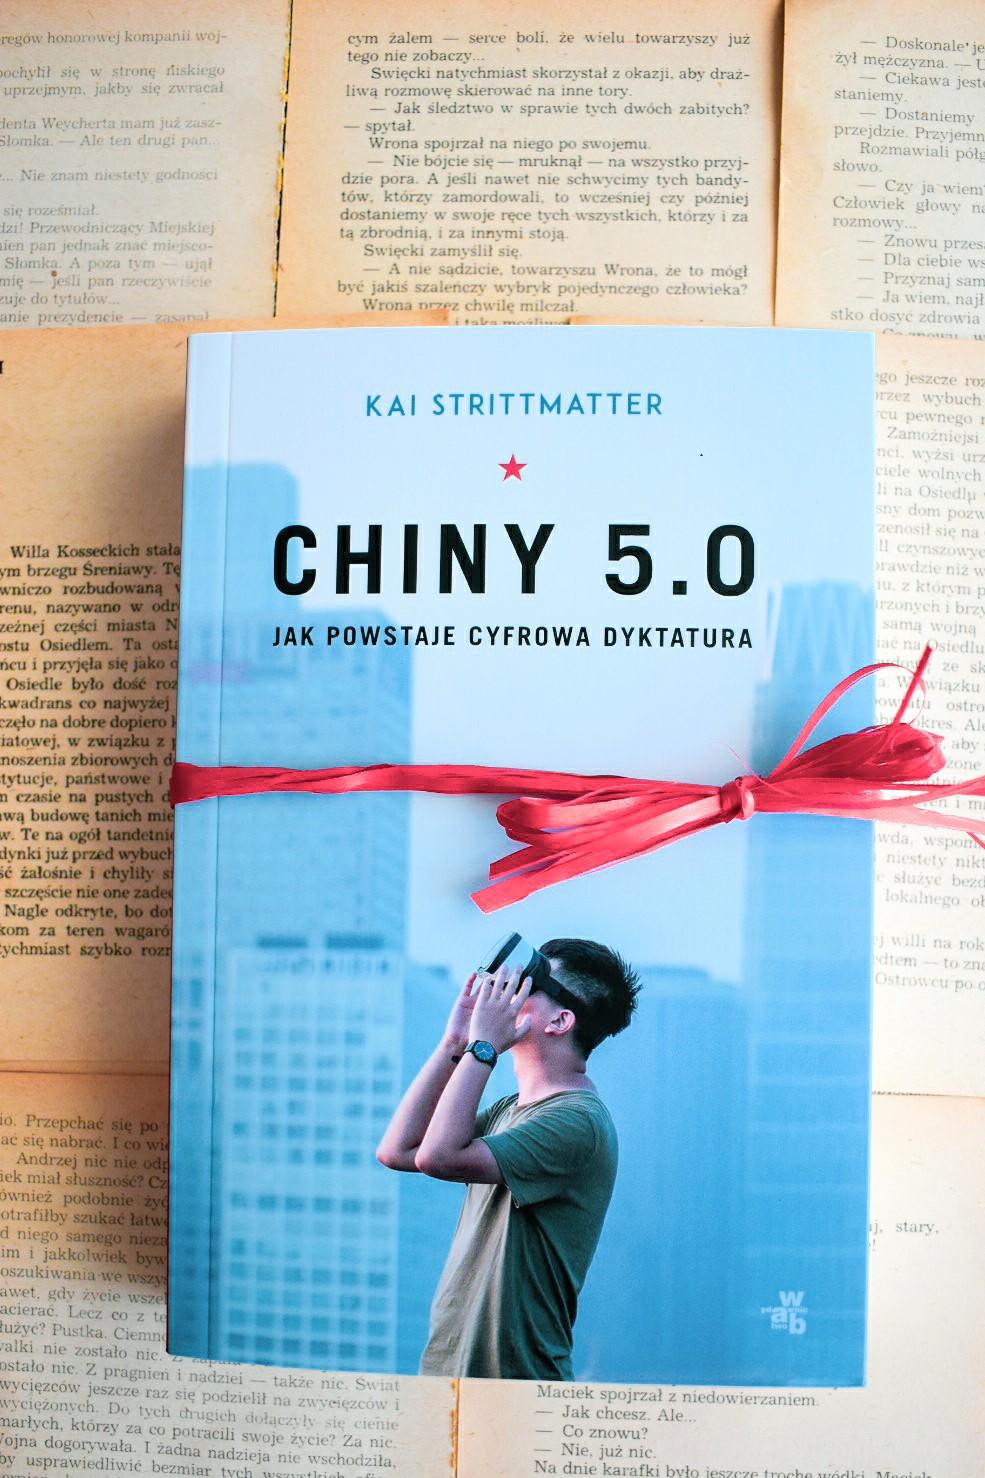 Chiny 5.0.